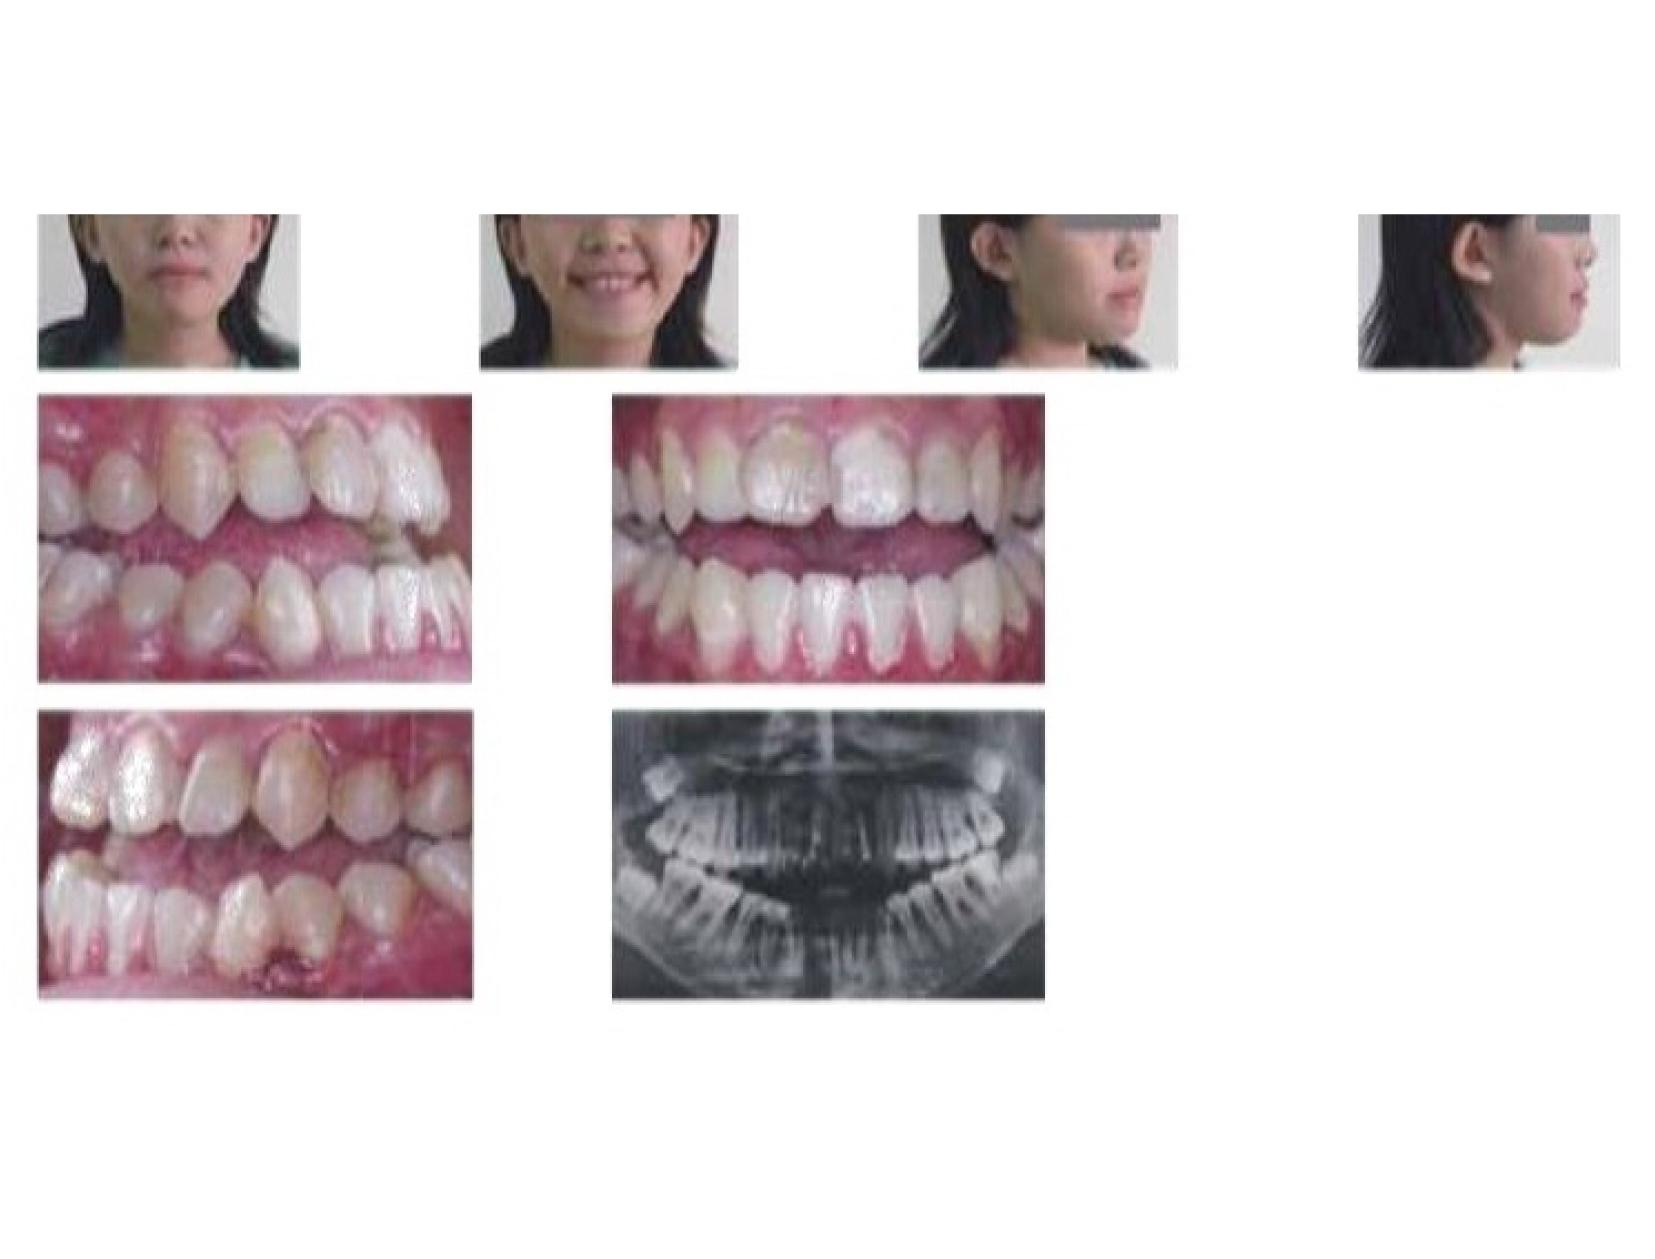 牙齒矯正,正顎手術,案例-1